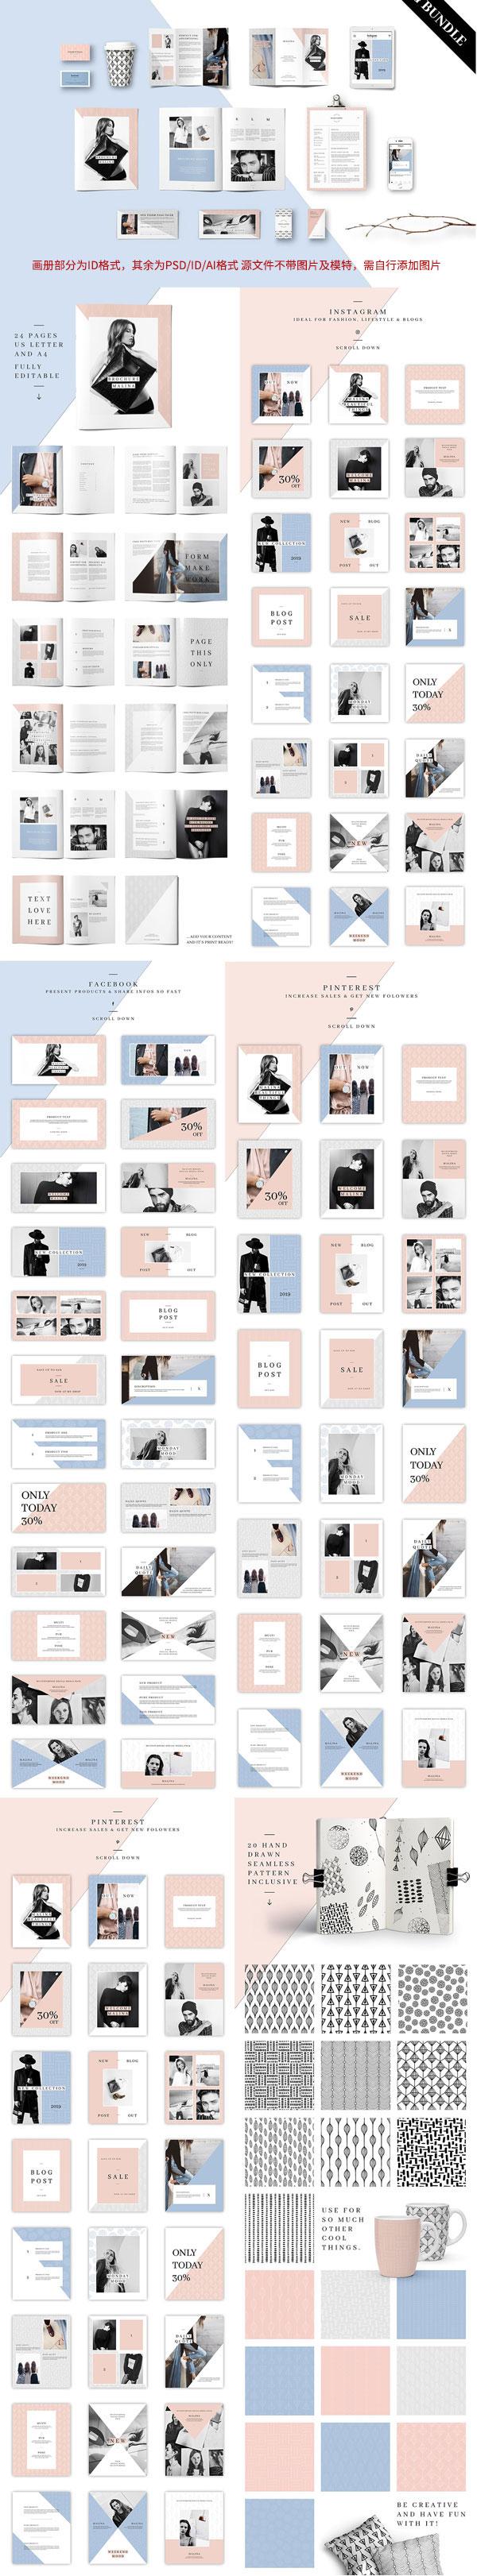 品牌整套视觉模板